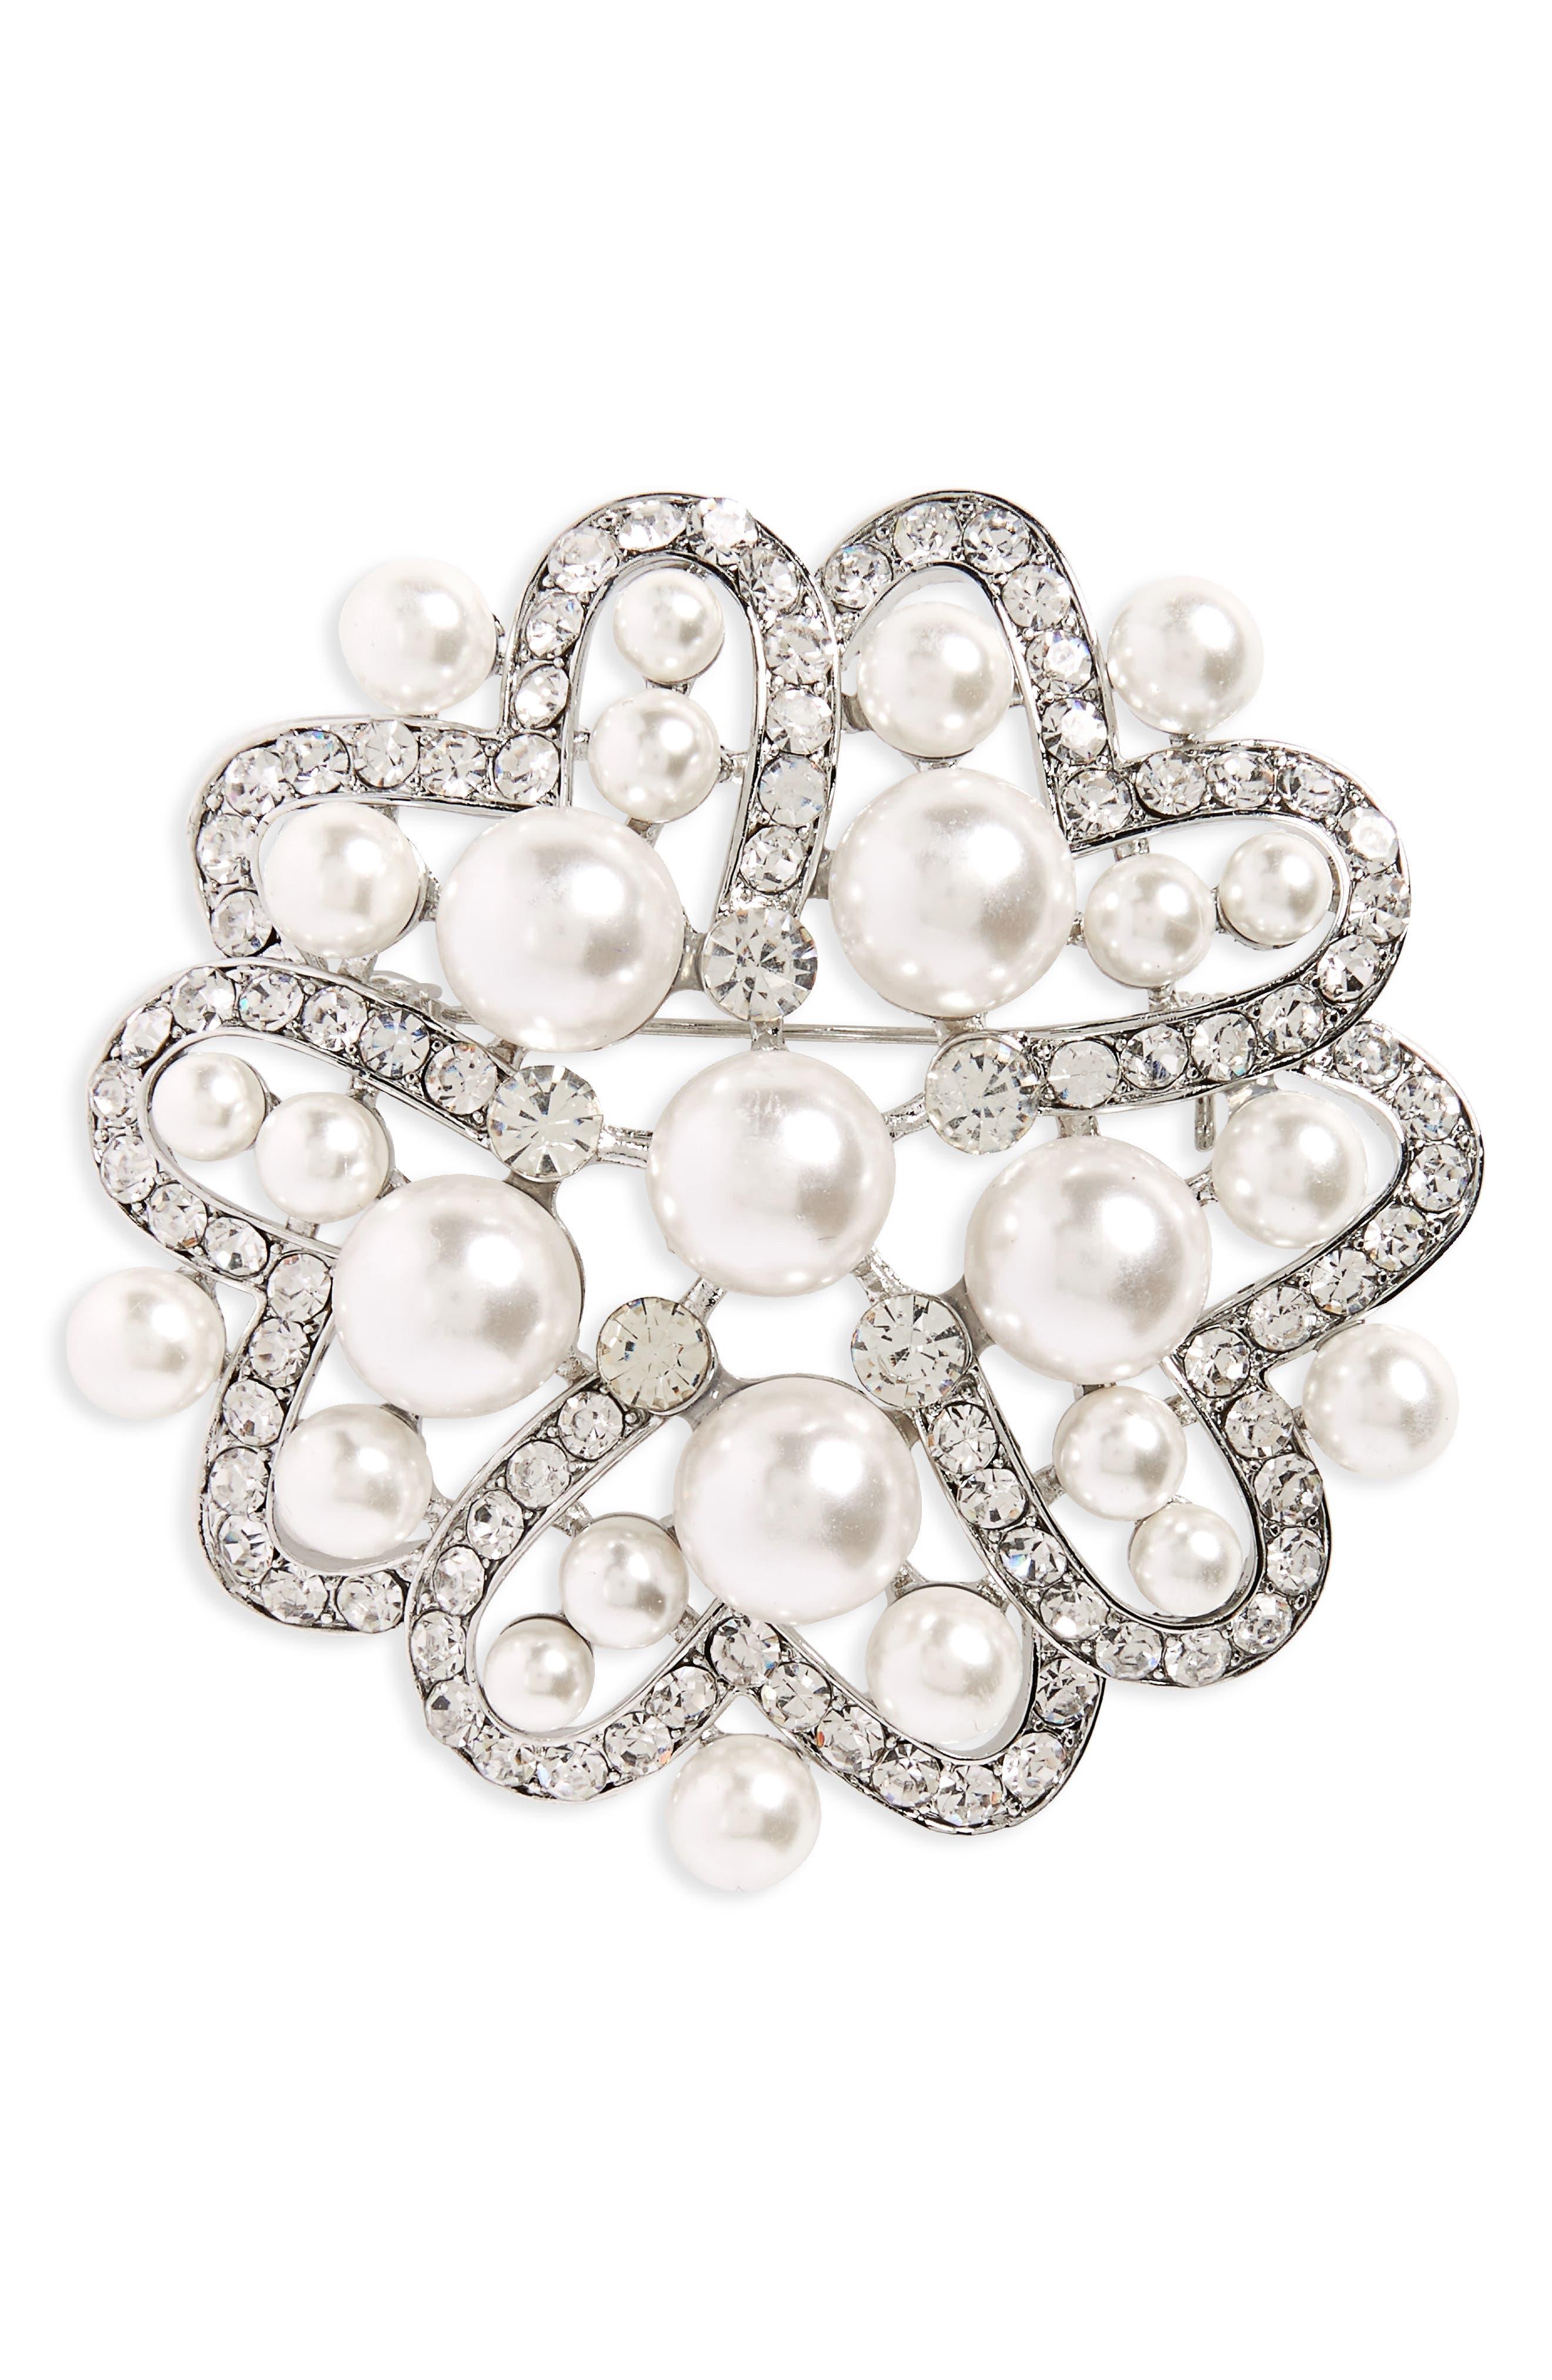 Imitation Pearl & Crystal Brooch,                             Main thumbnail 1, color,                             Ivory Pearl / Silver